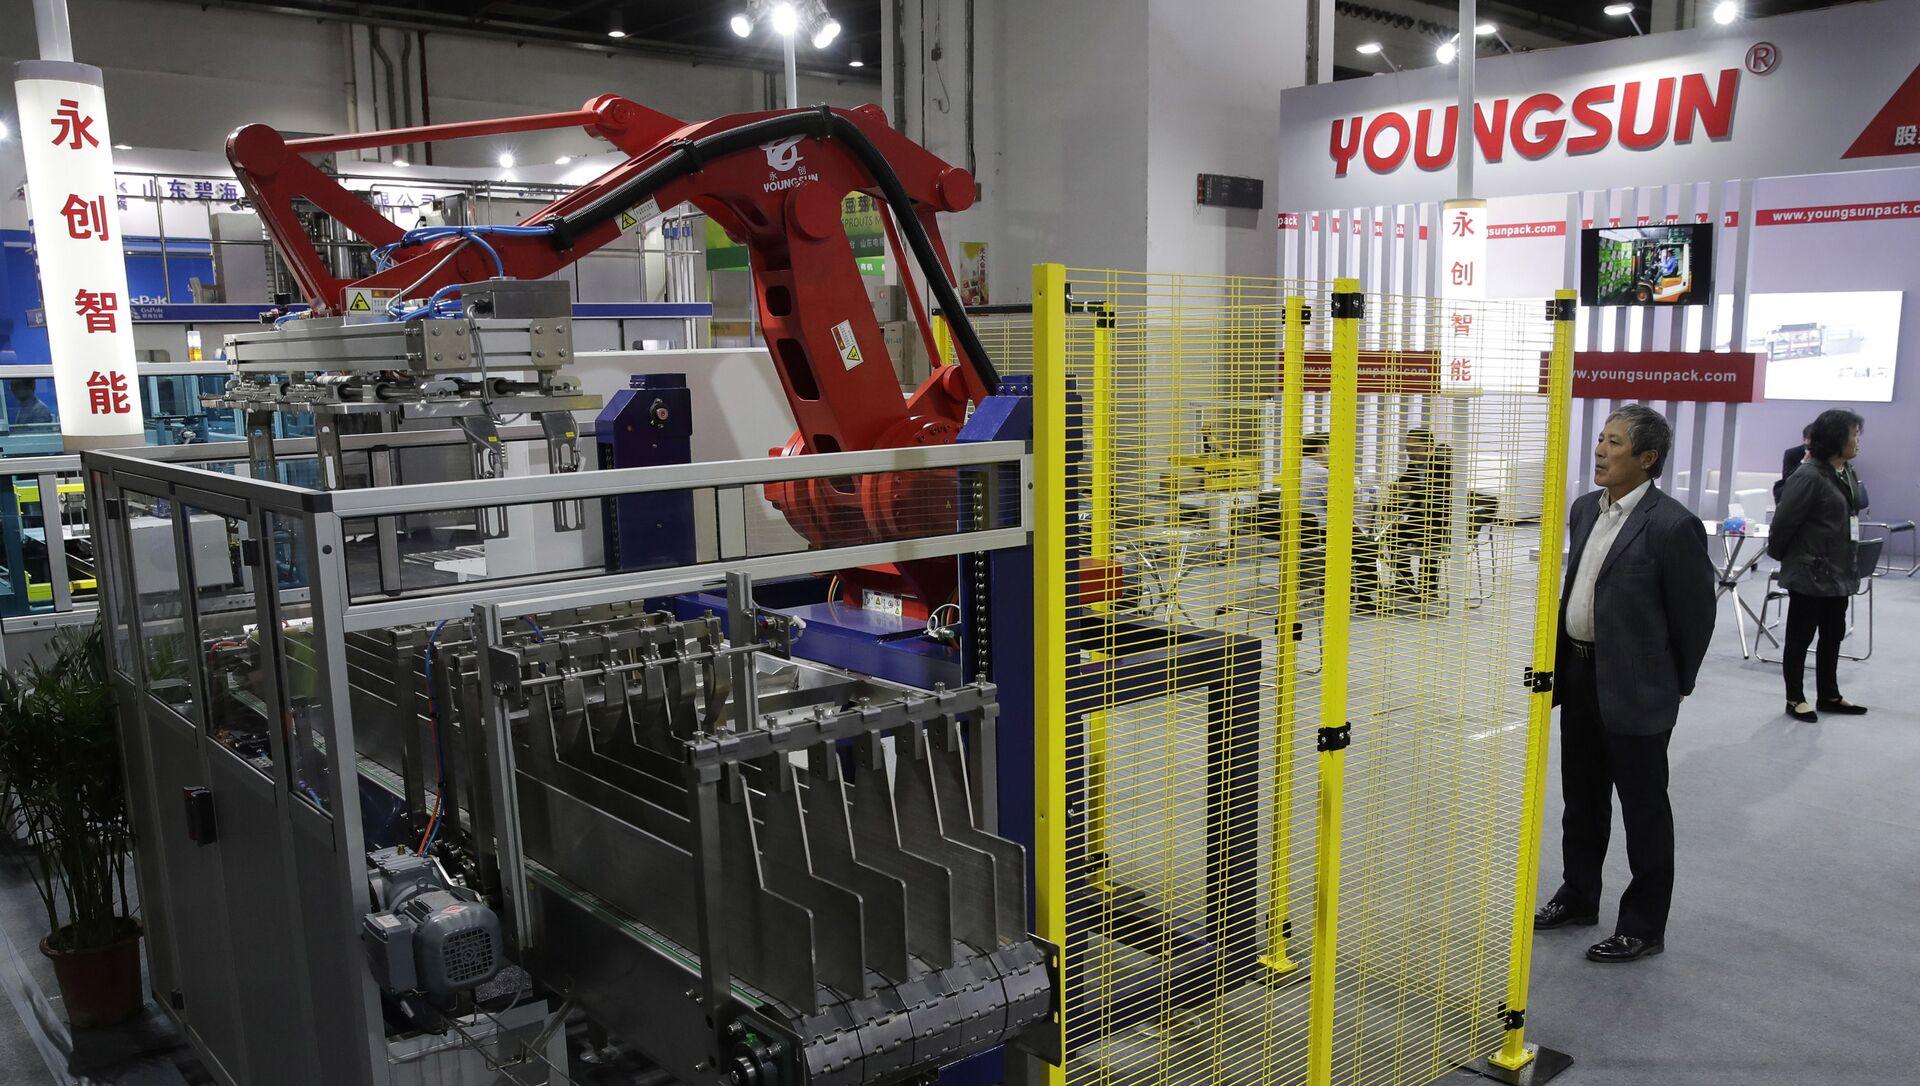 Trình diễn robot công nghiệp do Trung Quốc sản xuất tại triển lãm ở Thượng Hải - Sputnik Việt Nam, 1920, 13.04.2021